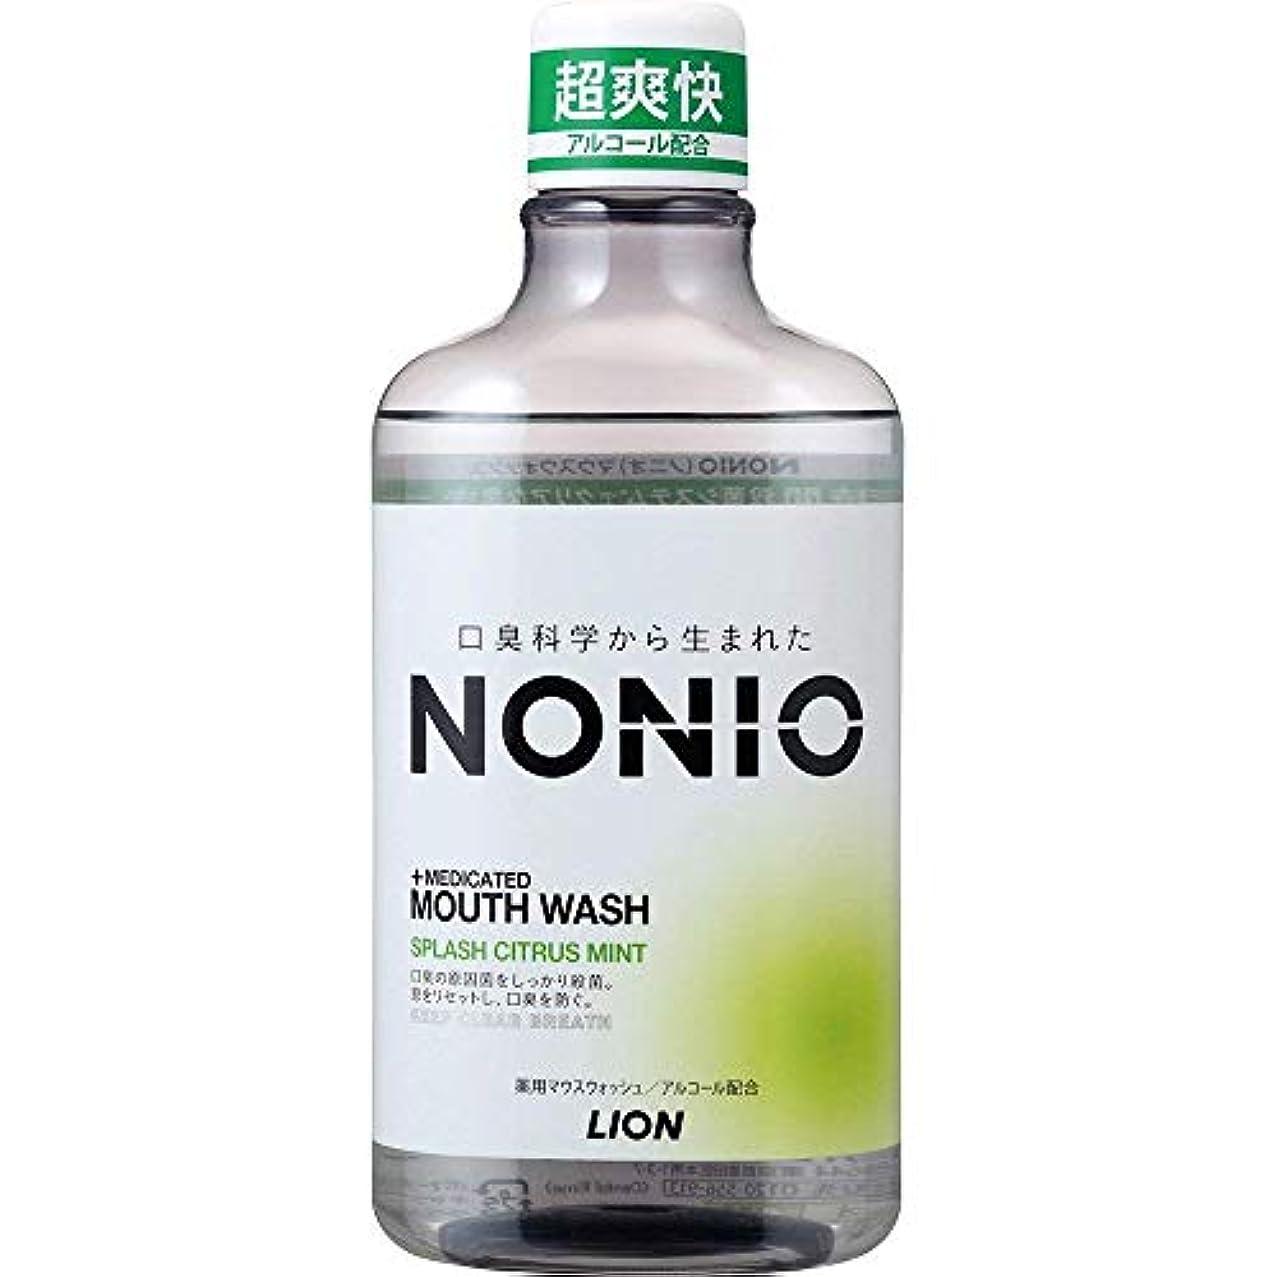 中級ドナー粒NONIO マウスウォッシュ スプラッシュシトラスミント 600ml ×12個